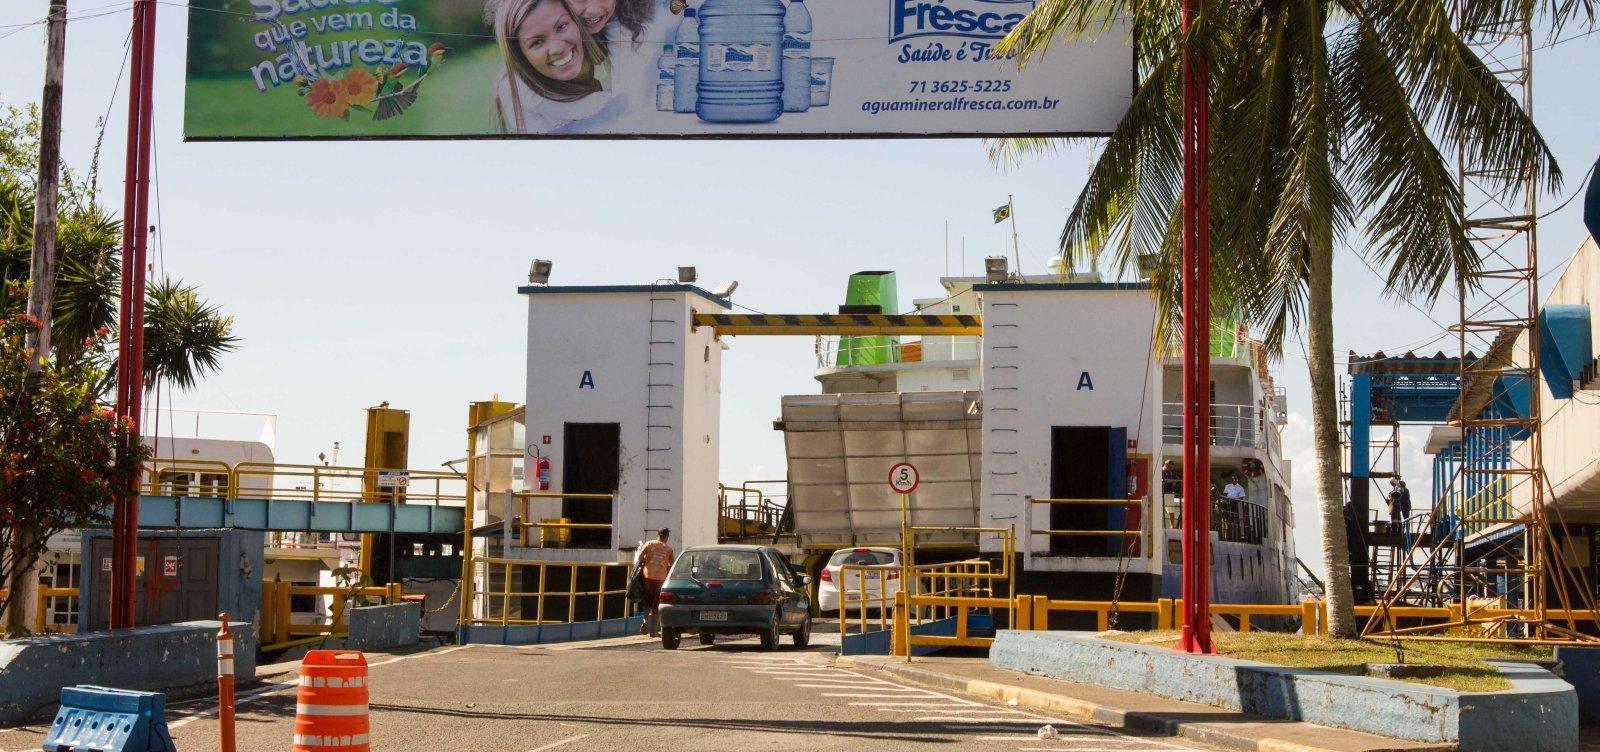 Ferryboat funciona em esquema especial para as eleições